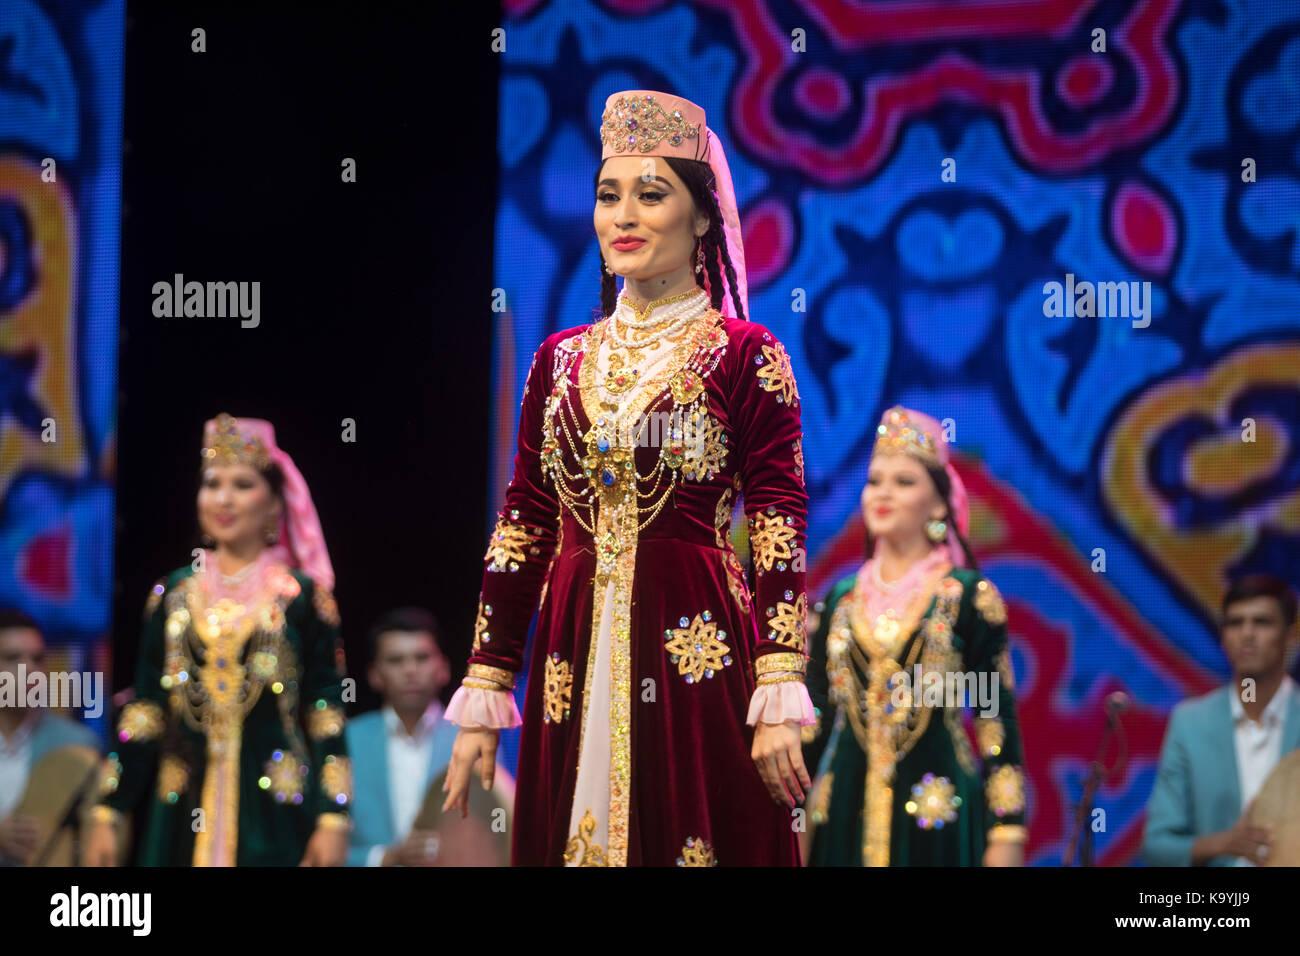 Rendimiento de navbakhor uzbekiston y ensambles de canto y danza en el escenario del Palacio del Kremlin durante los días de la cultura uzbeka en mos Foto de stock